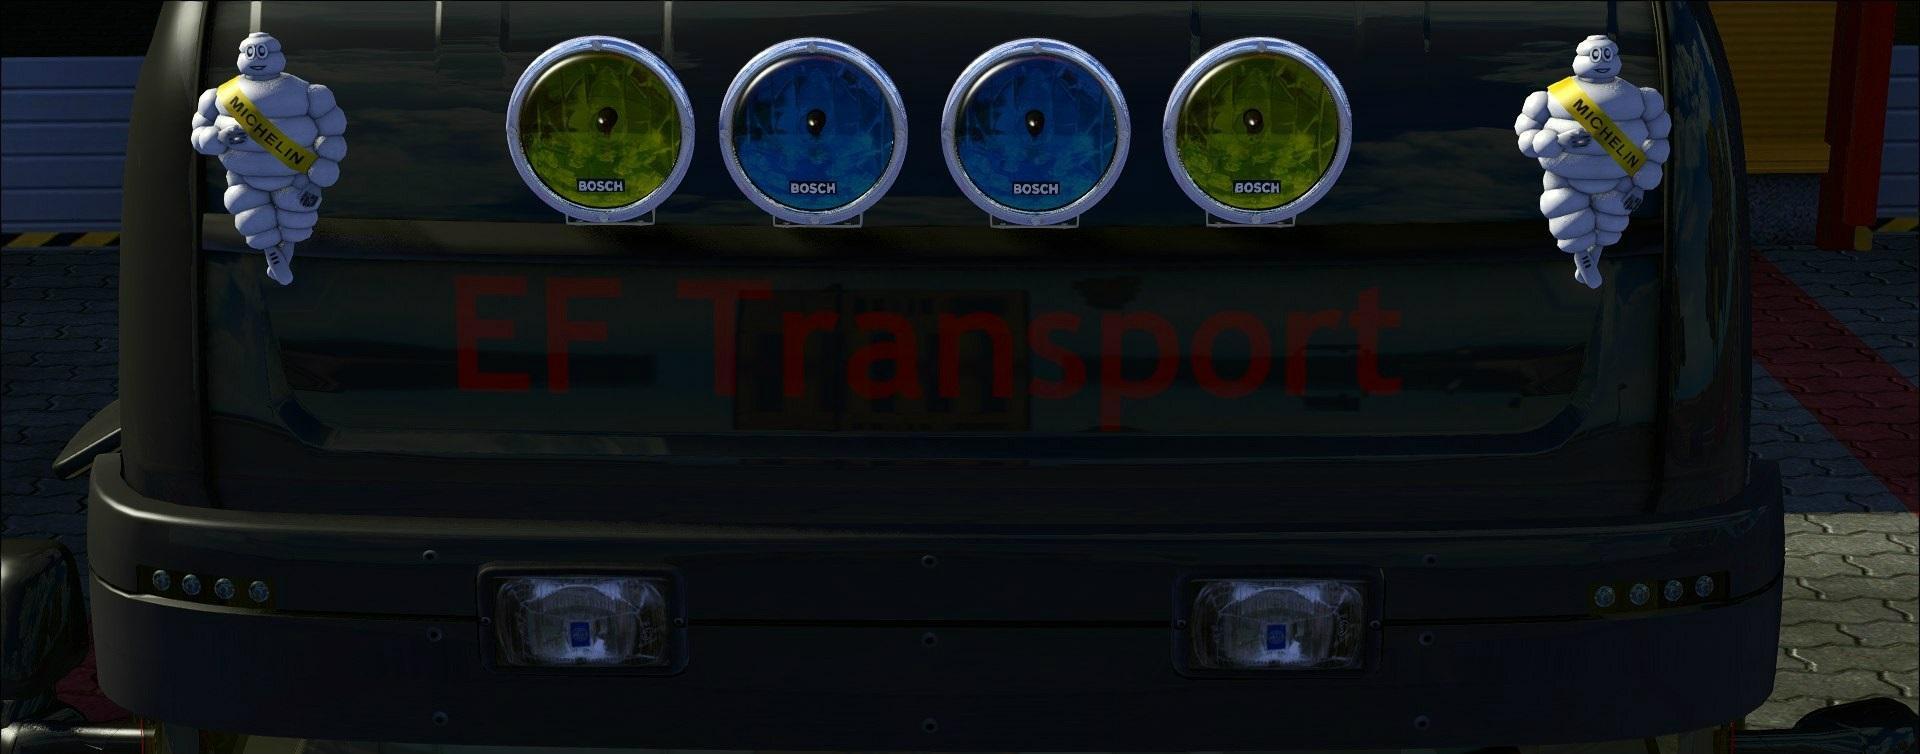 Bosch Lights 1 13 3 Mod Euro Truck Simulator 2 Mods